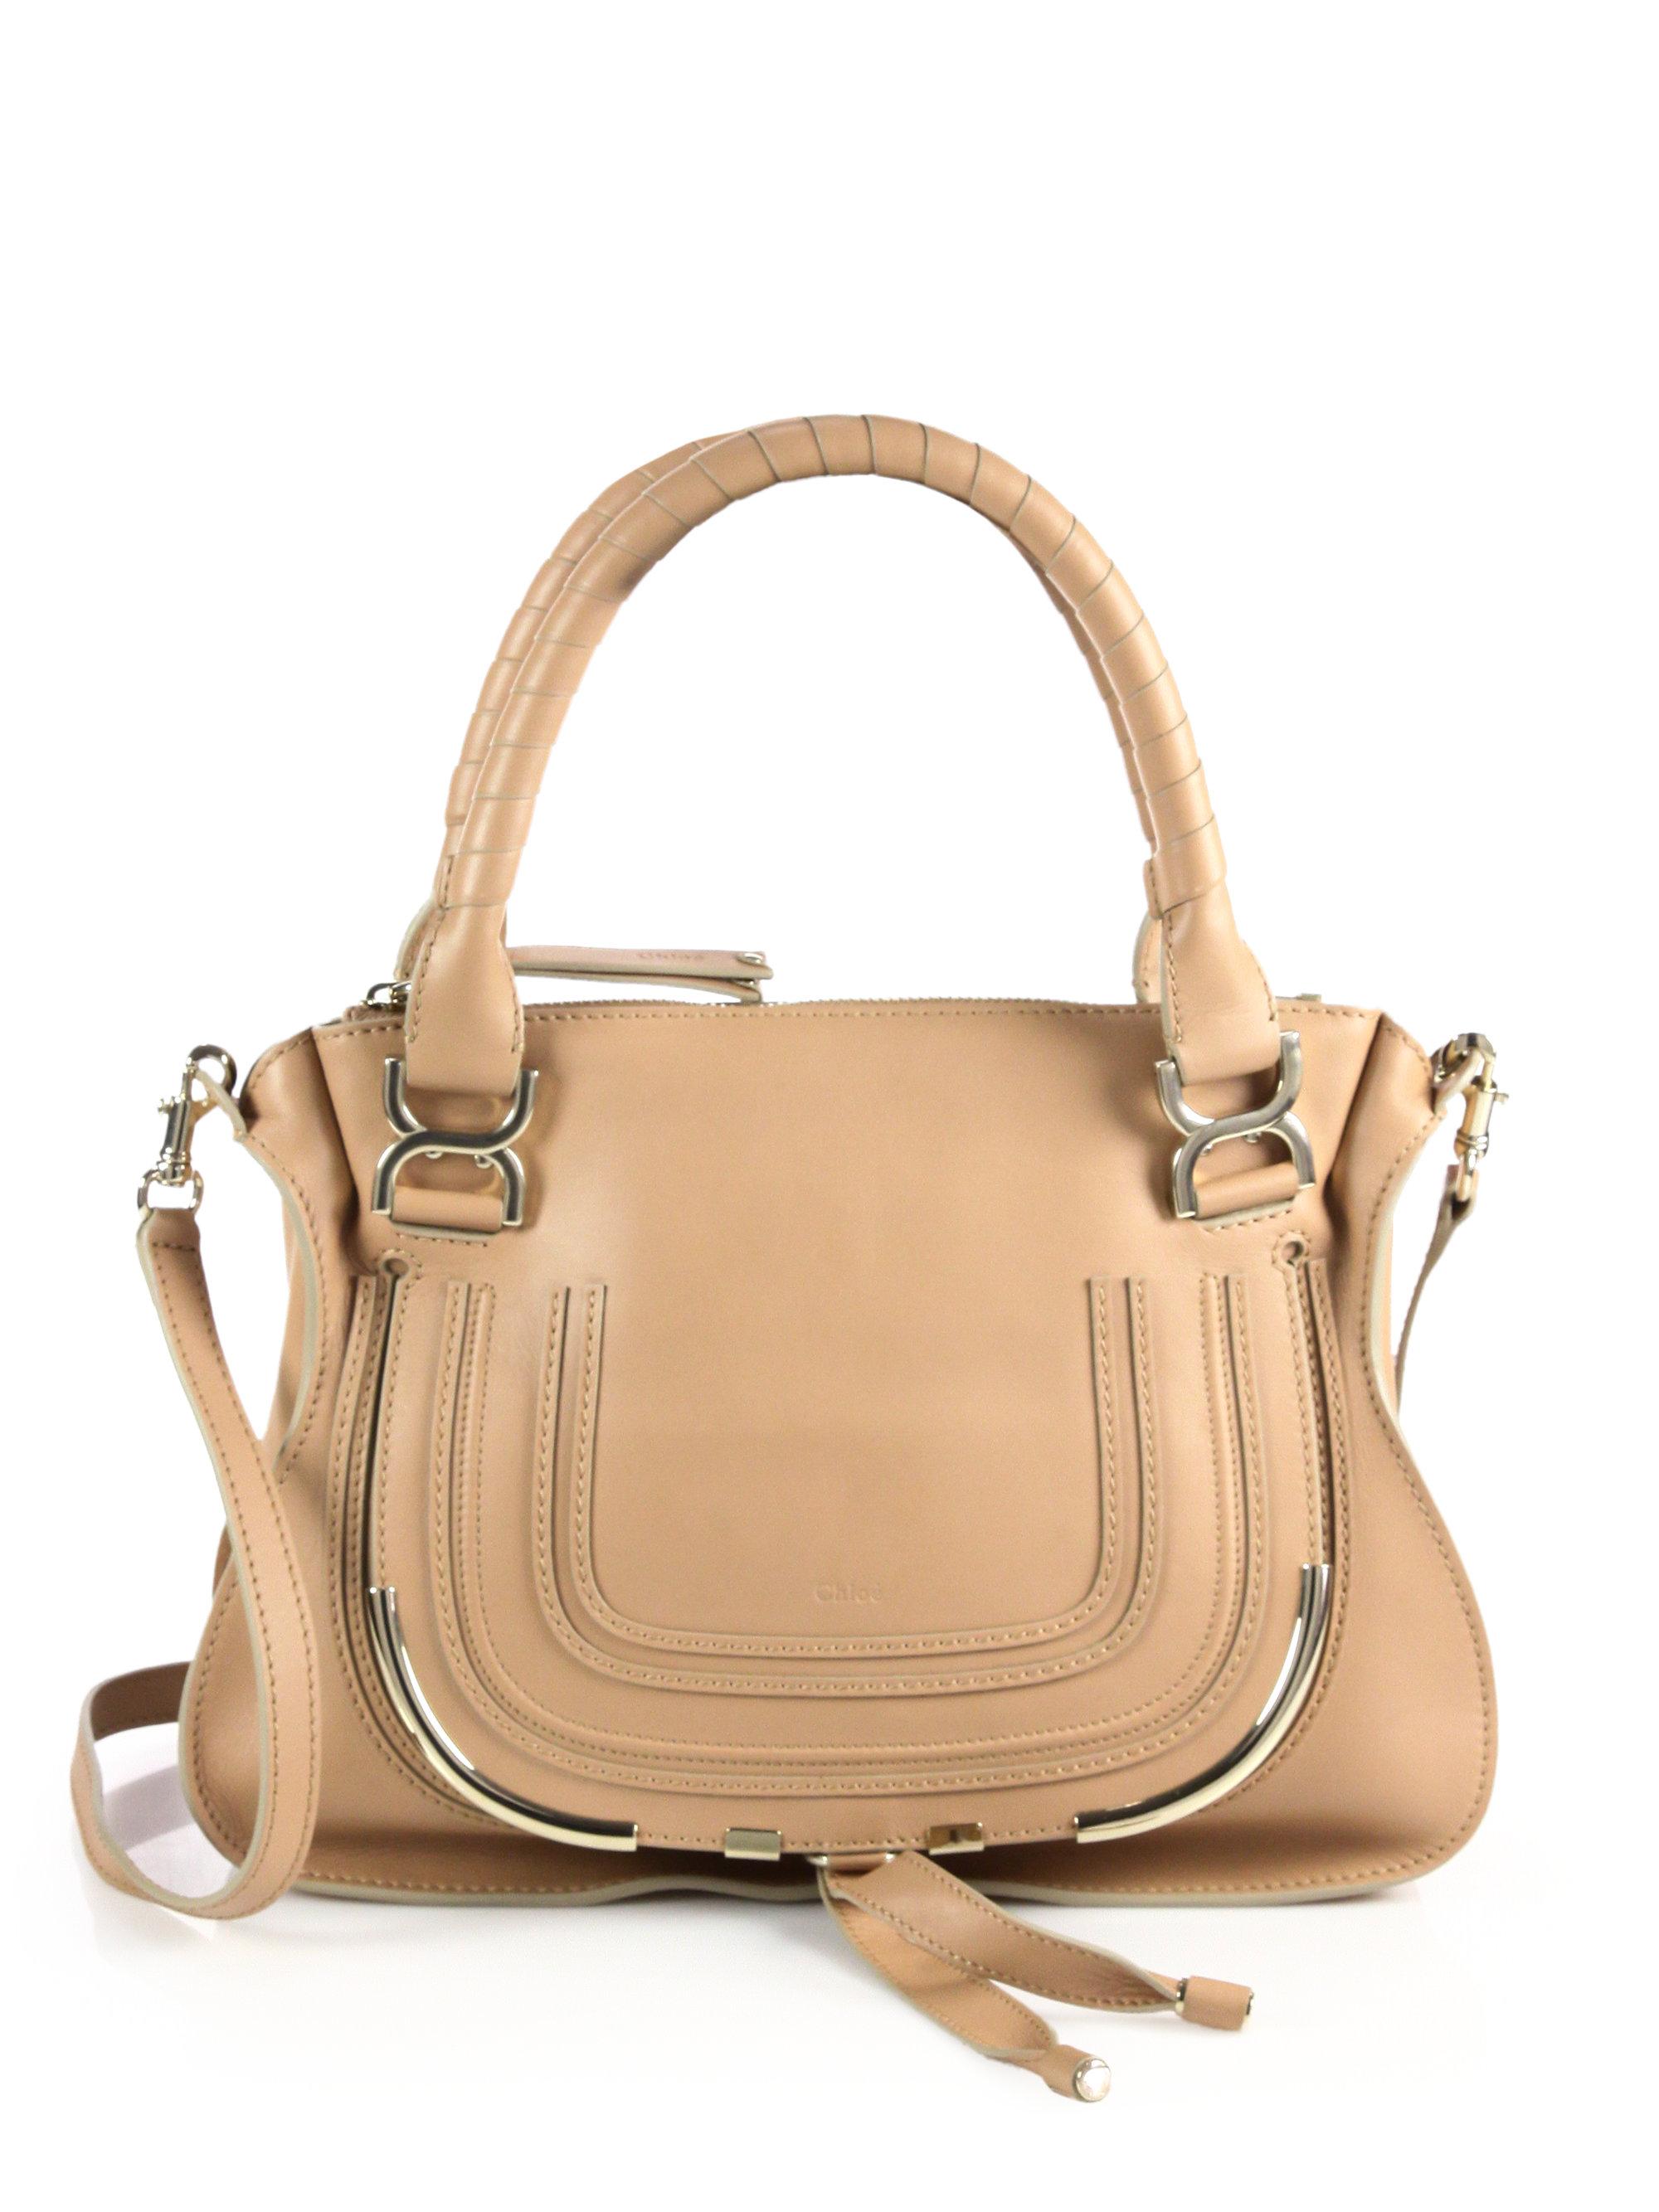 chlo marcie medium shoulder bag in brown wet sand lyst. Black Bedroom Furniture Sets. Home Design Ideas